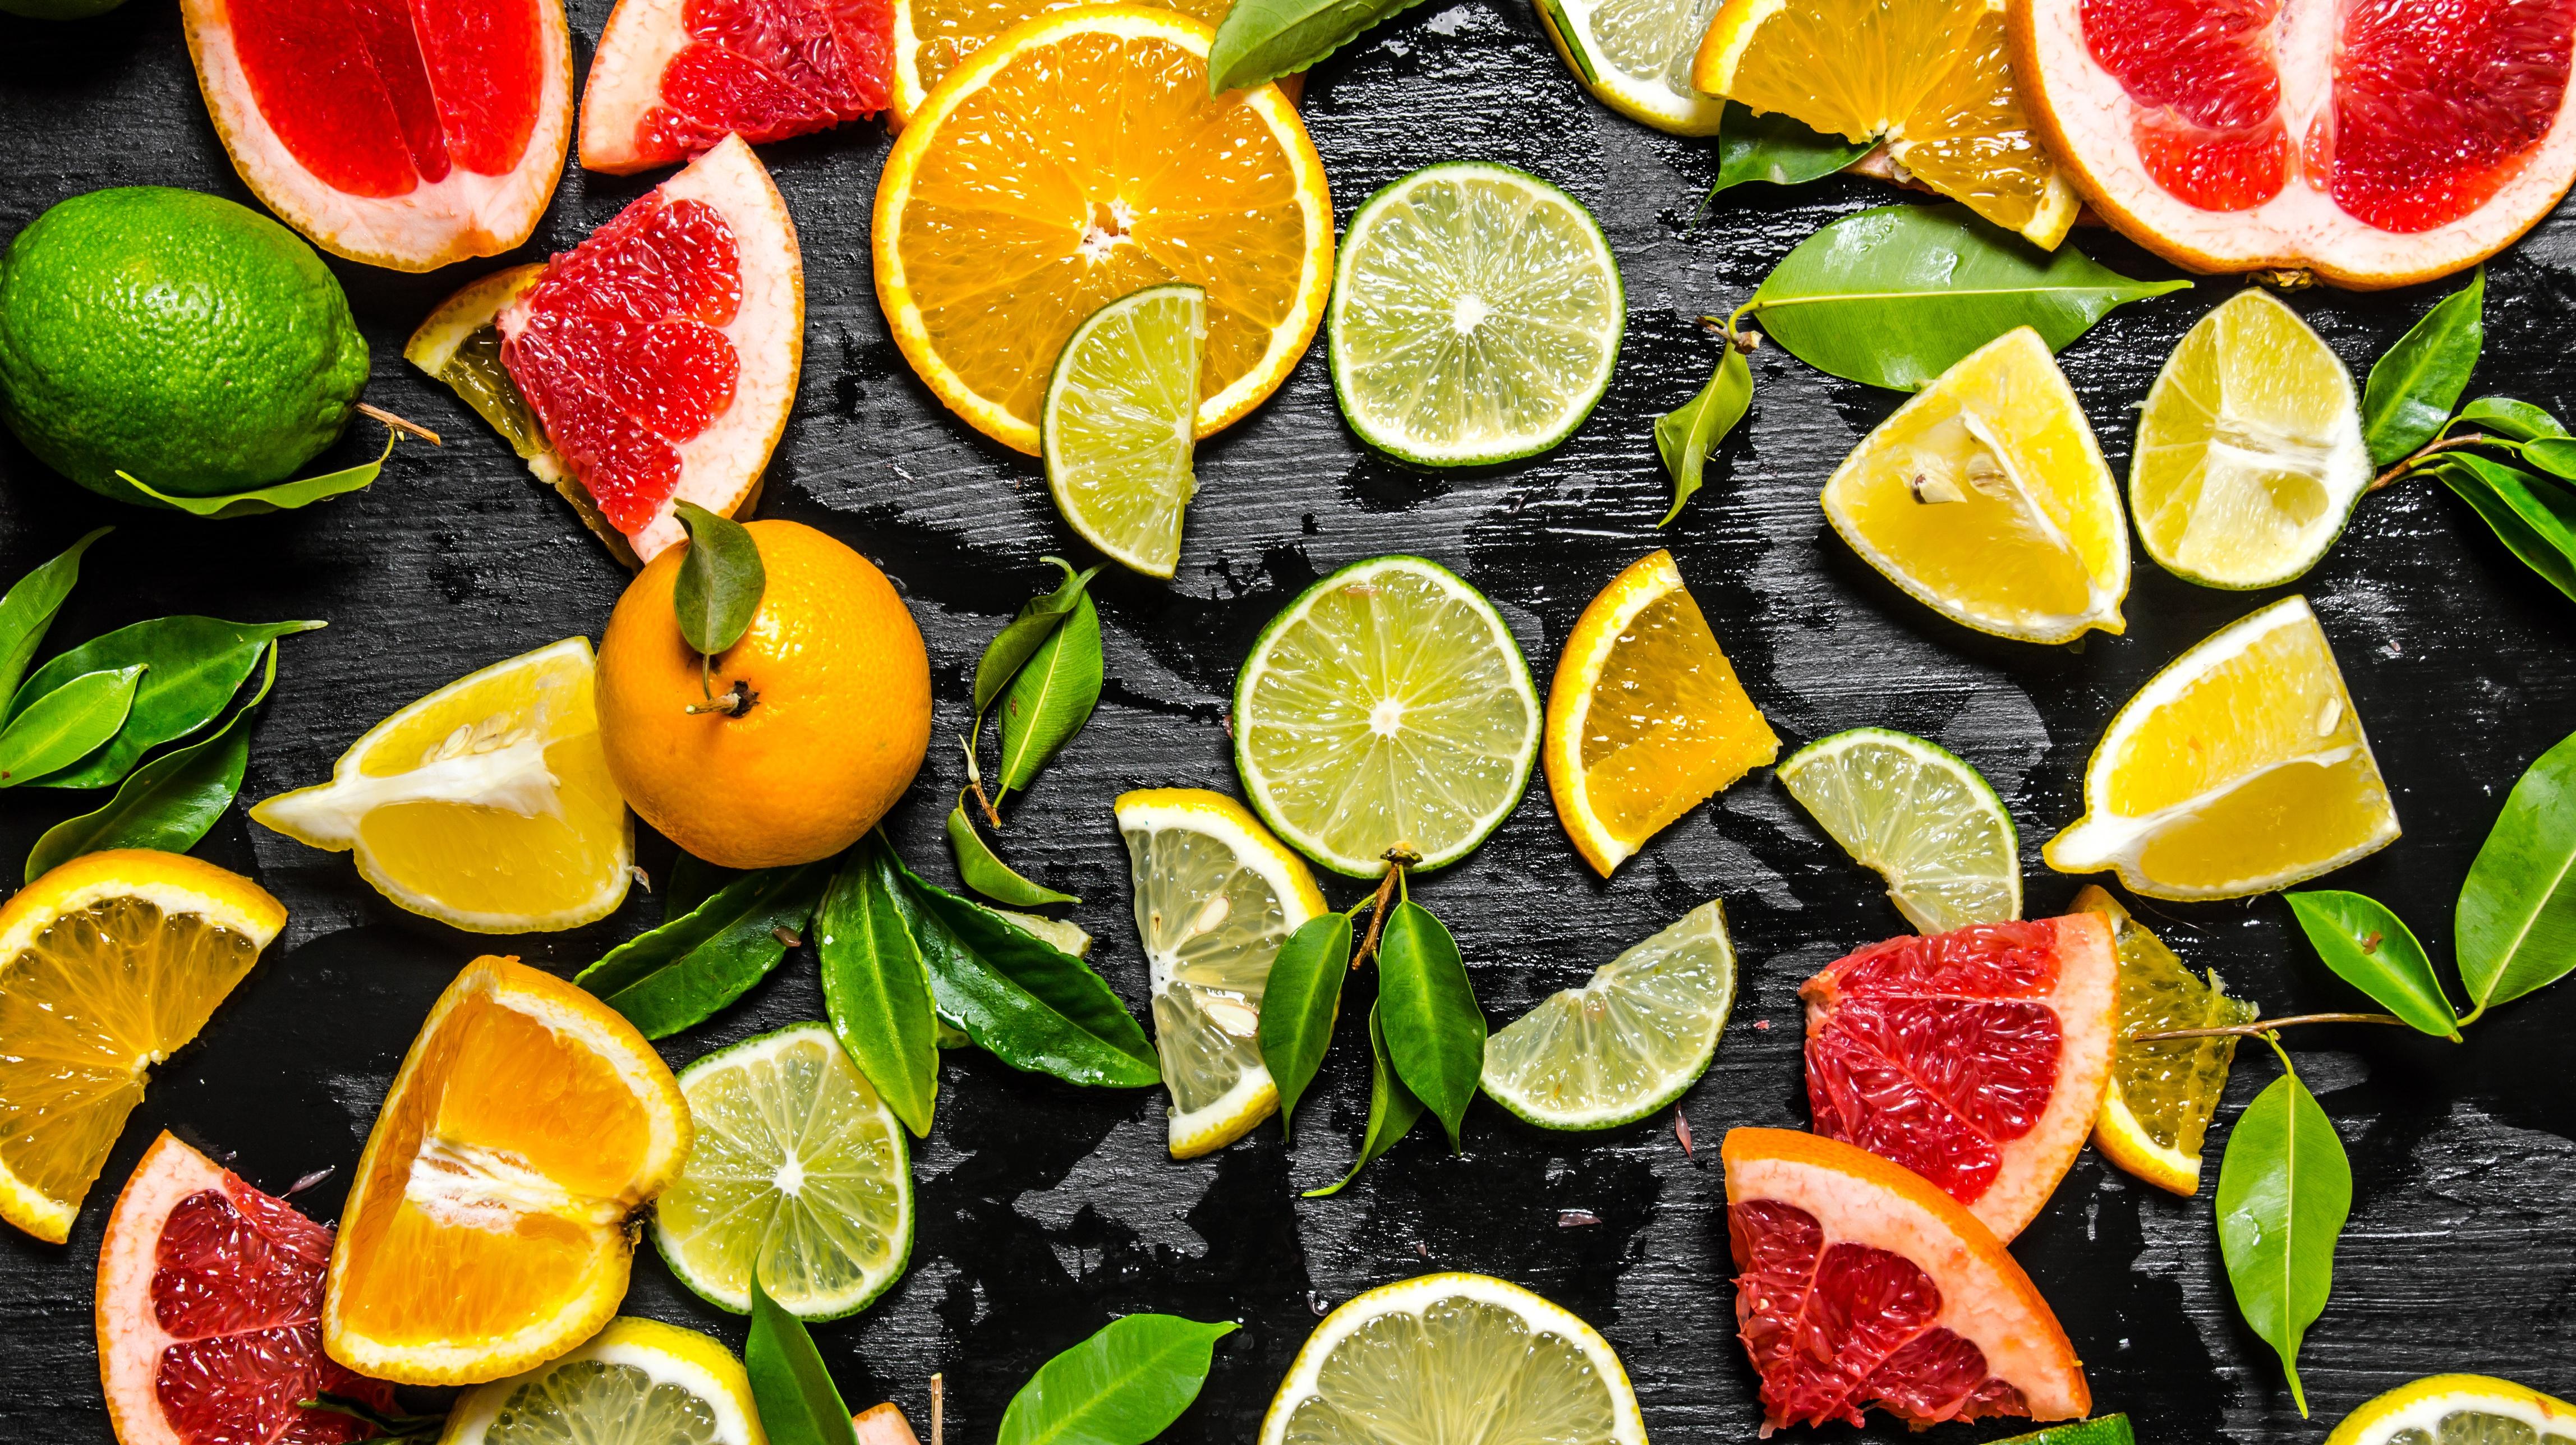 дольки грейпфрута  № 2133965 бесплатно